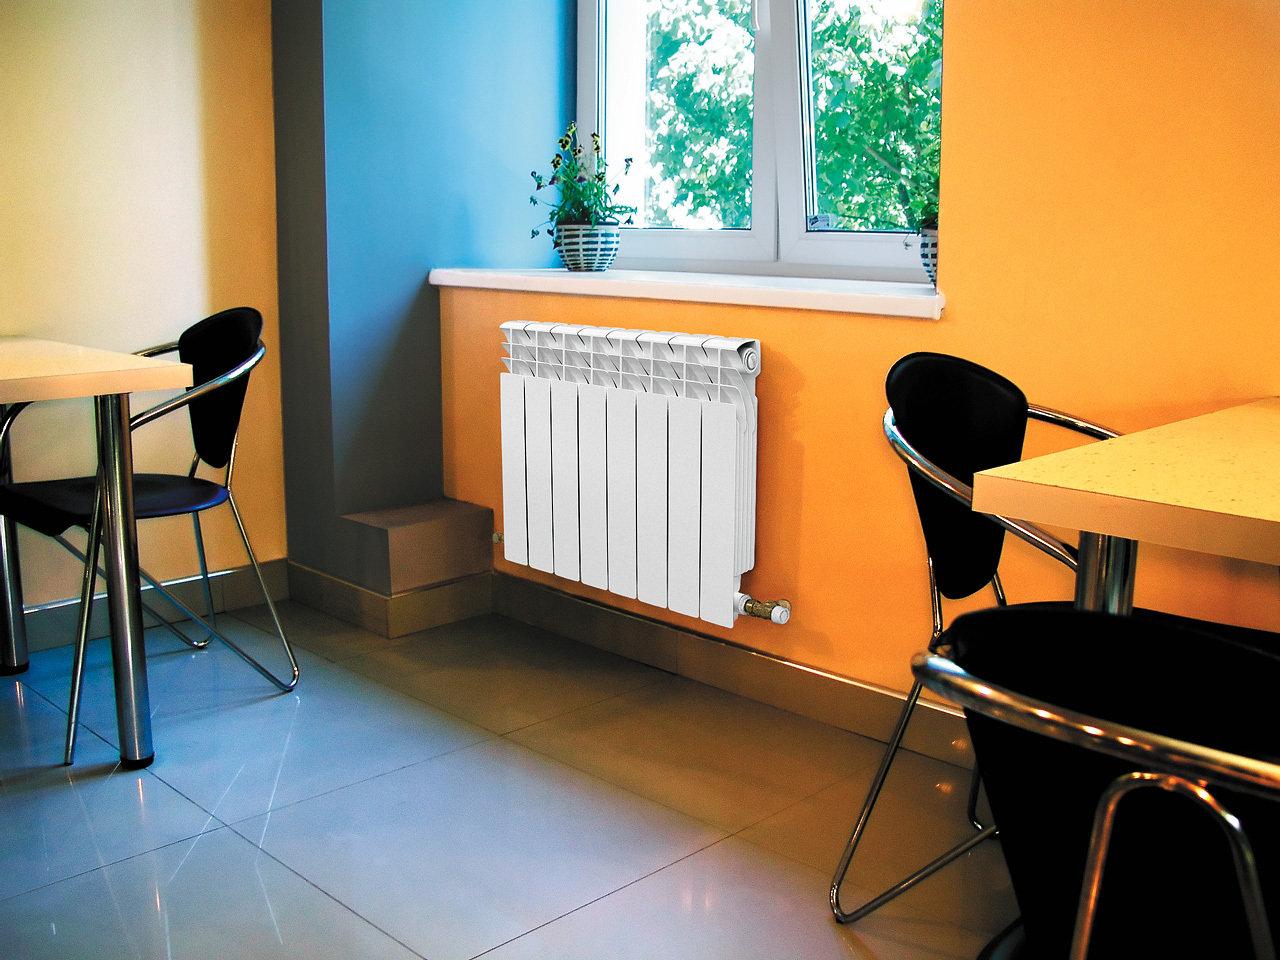 Биметаллические радиаторы в интерьере